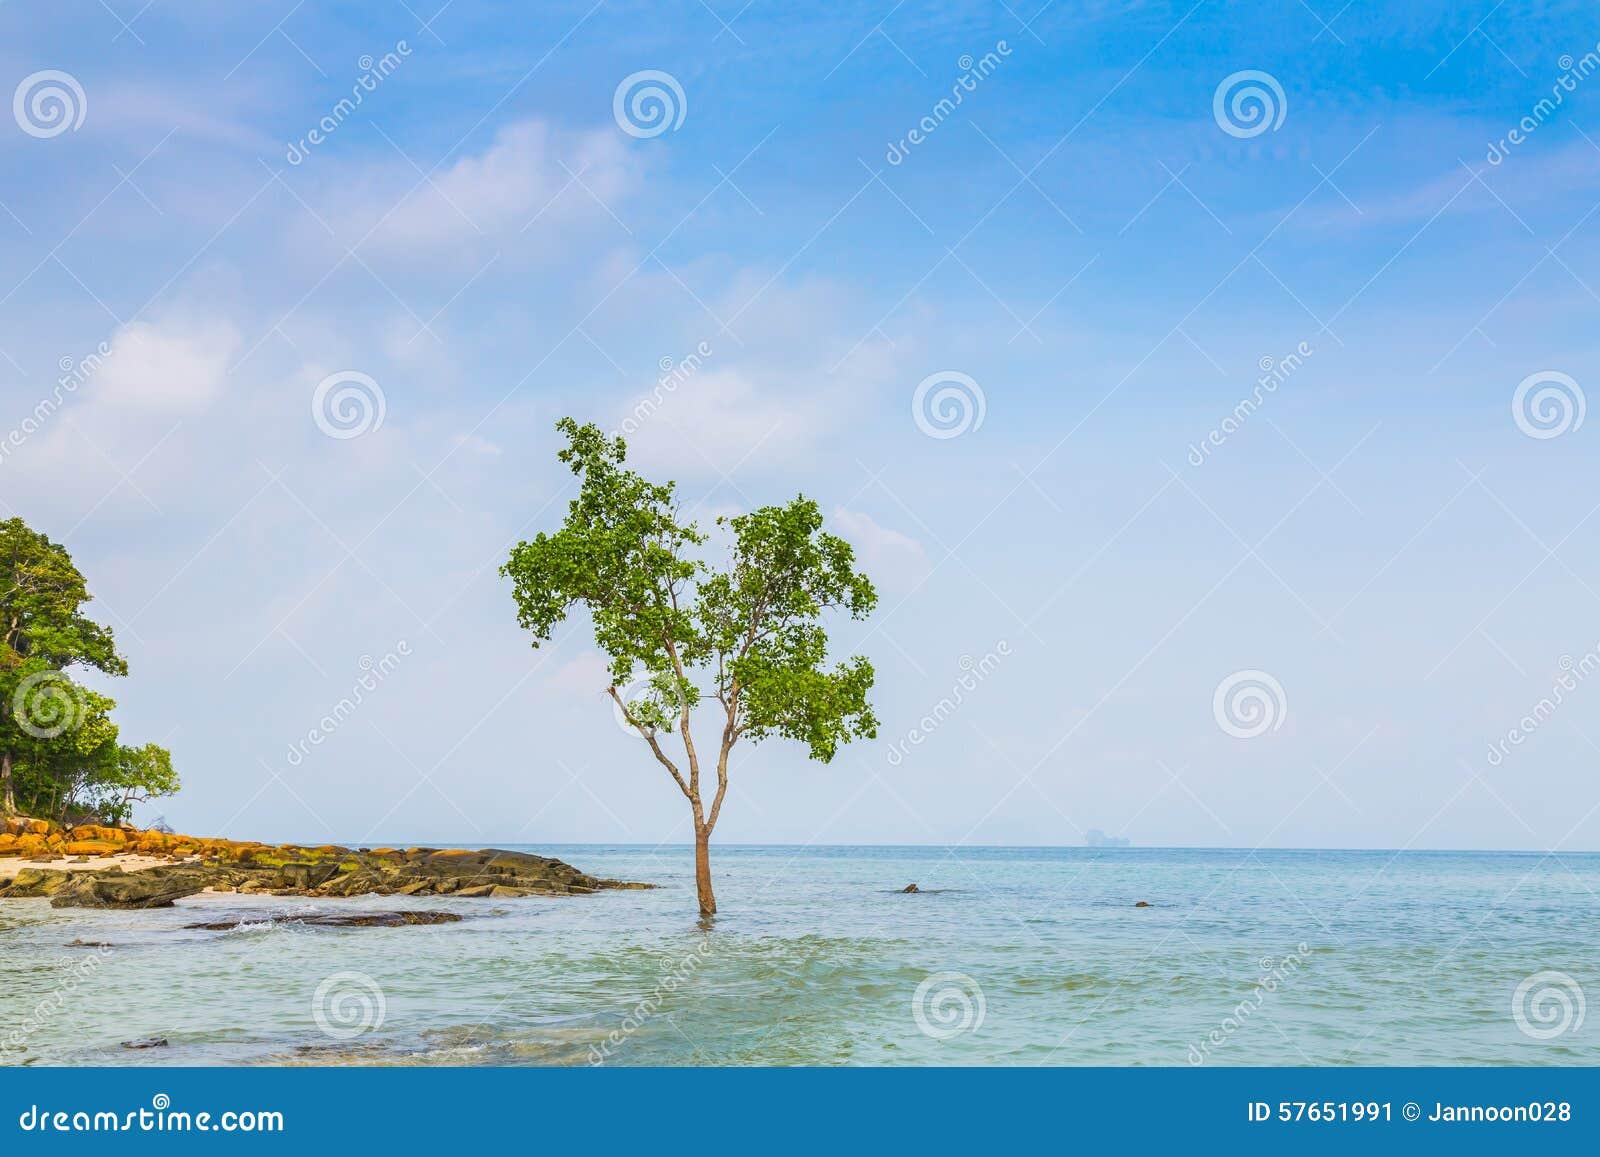 Osamotniony drzewo na Dennym tle